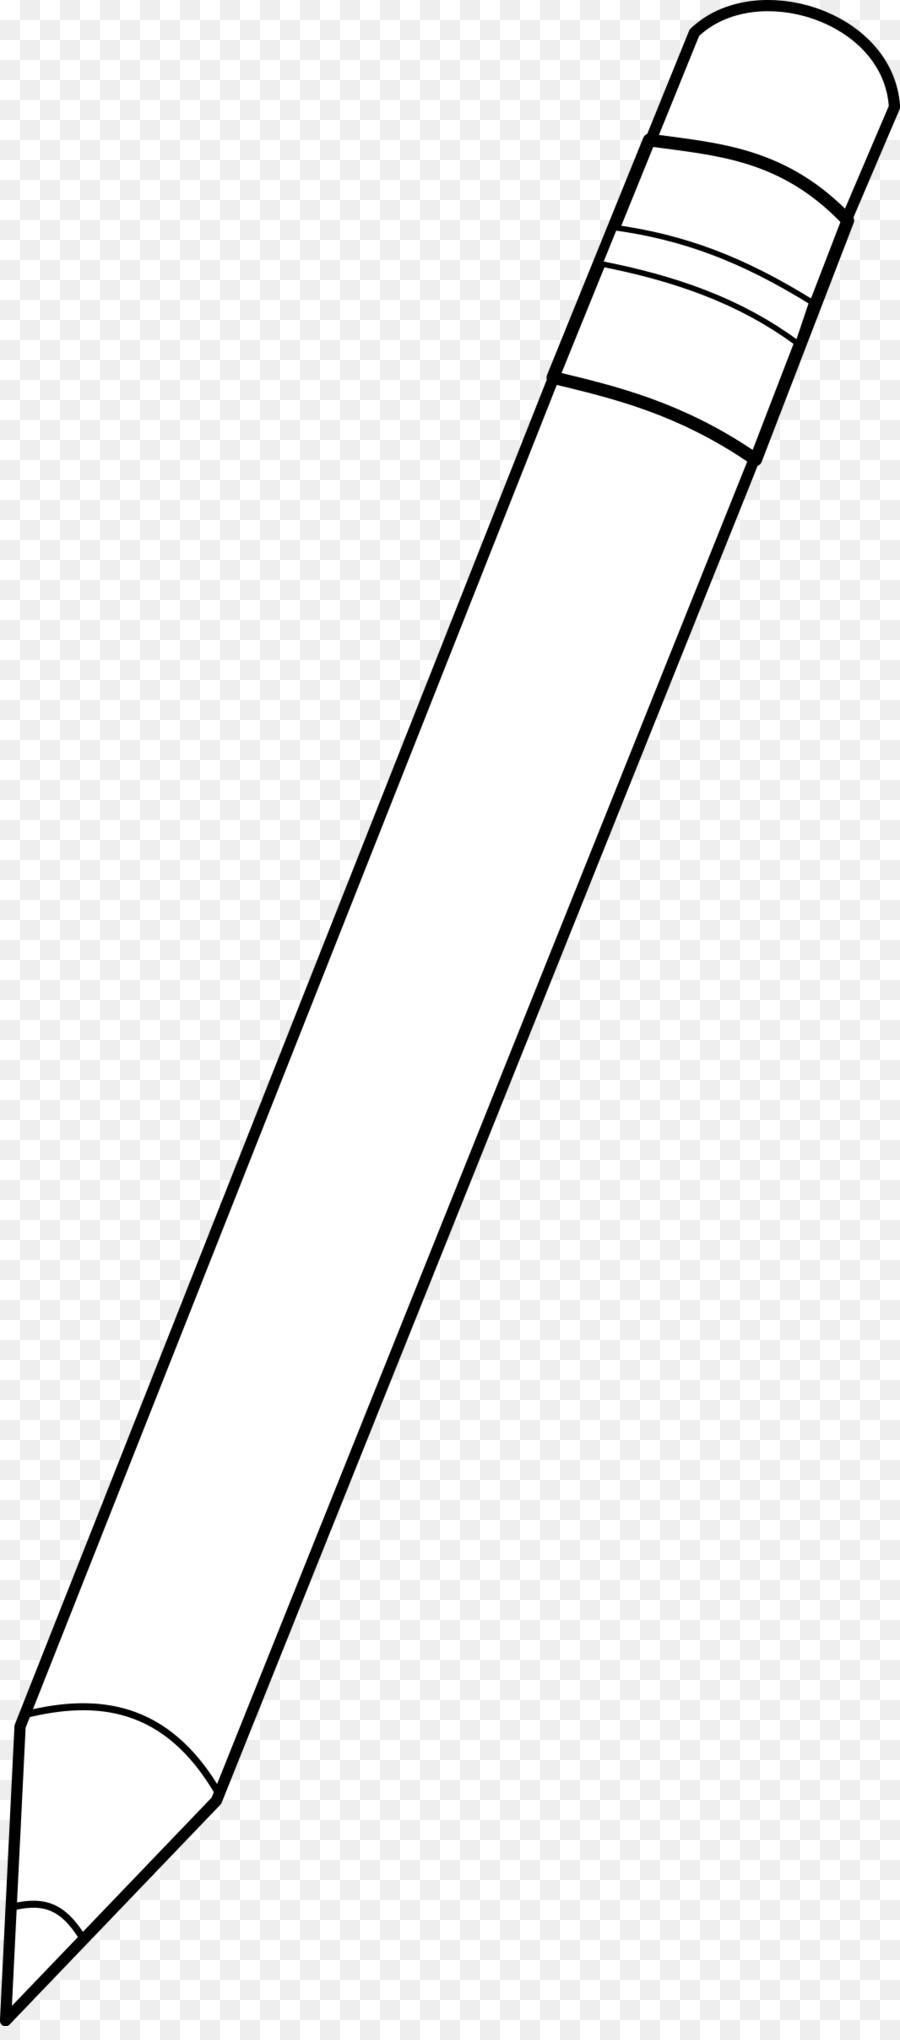 White pencil clipart transparent vector royalty free stock Pencil Clipart clipart - Pencil, Drawing, Graphics ... vector royalty free stock